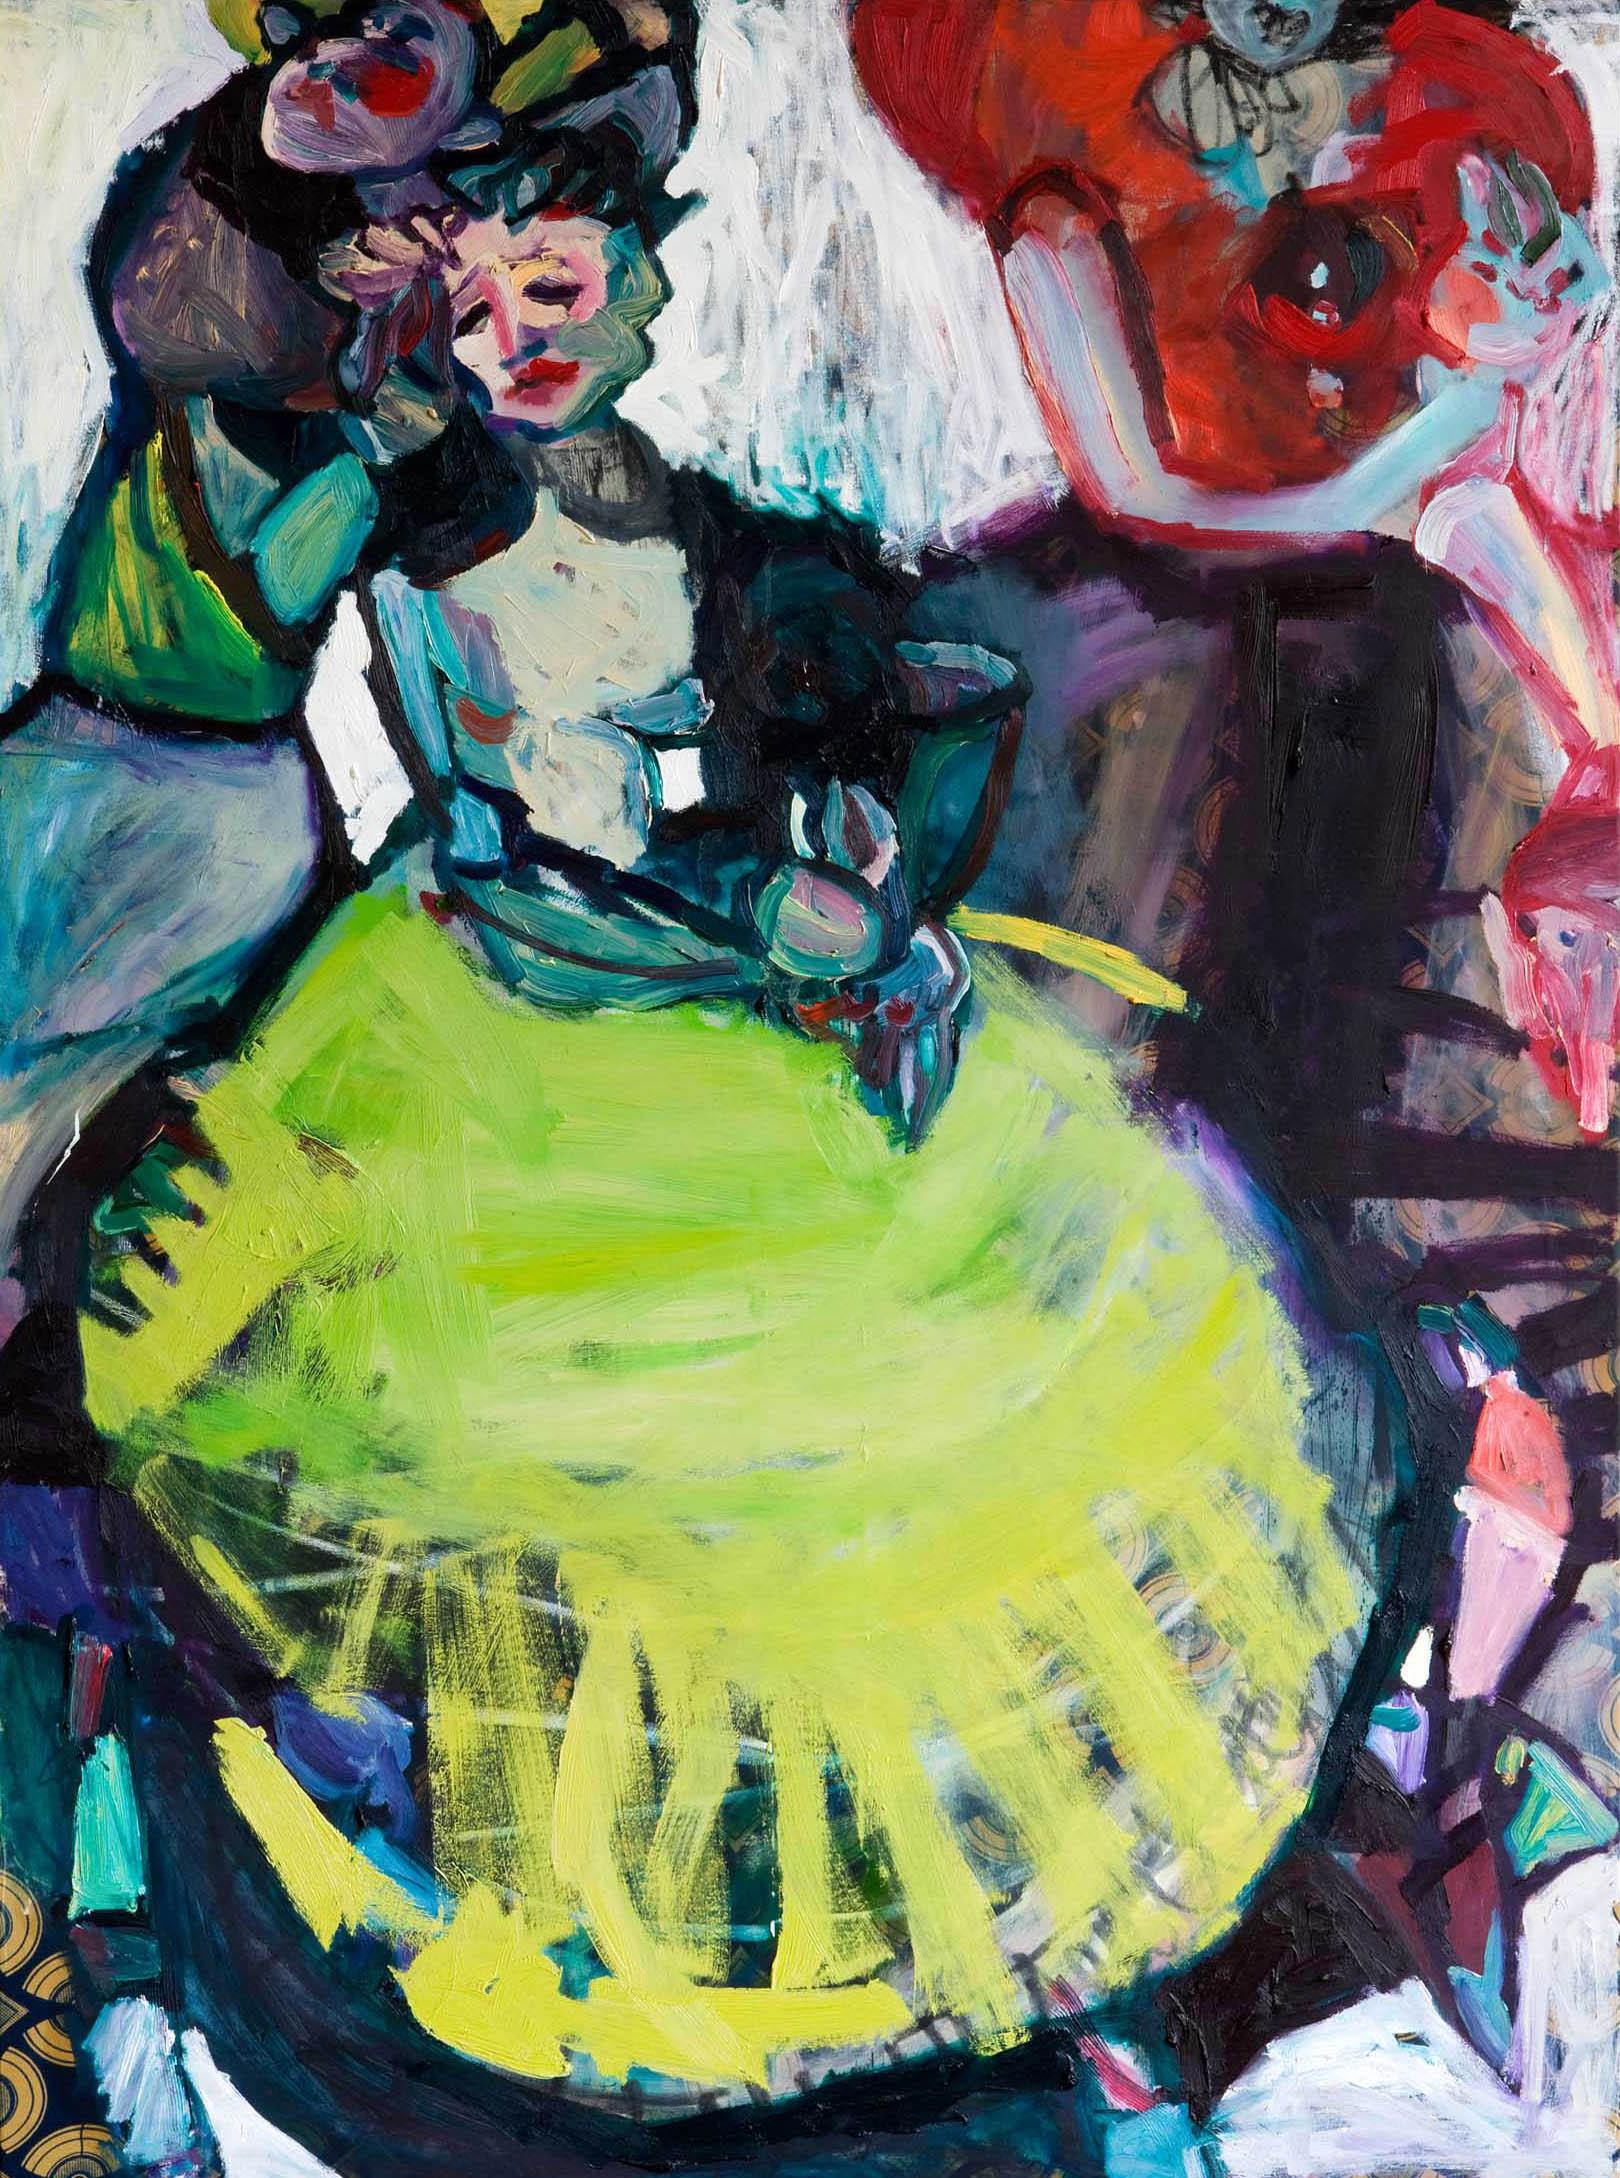 Danse1/huile sur toile/130 x 97